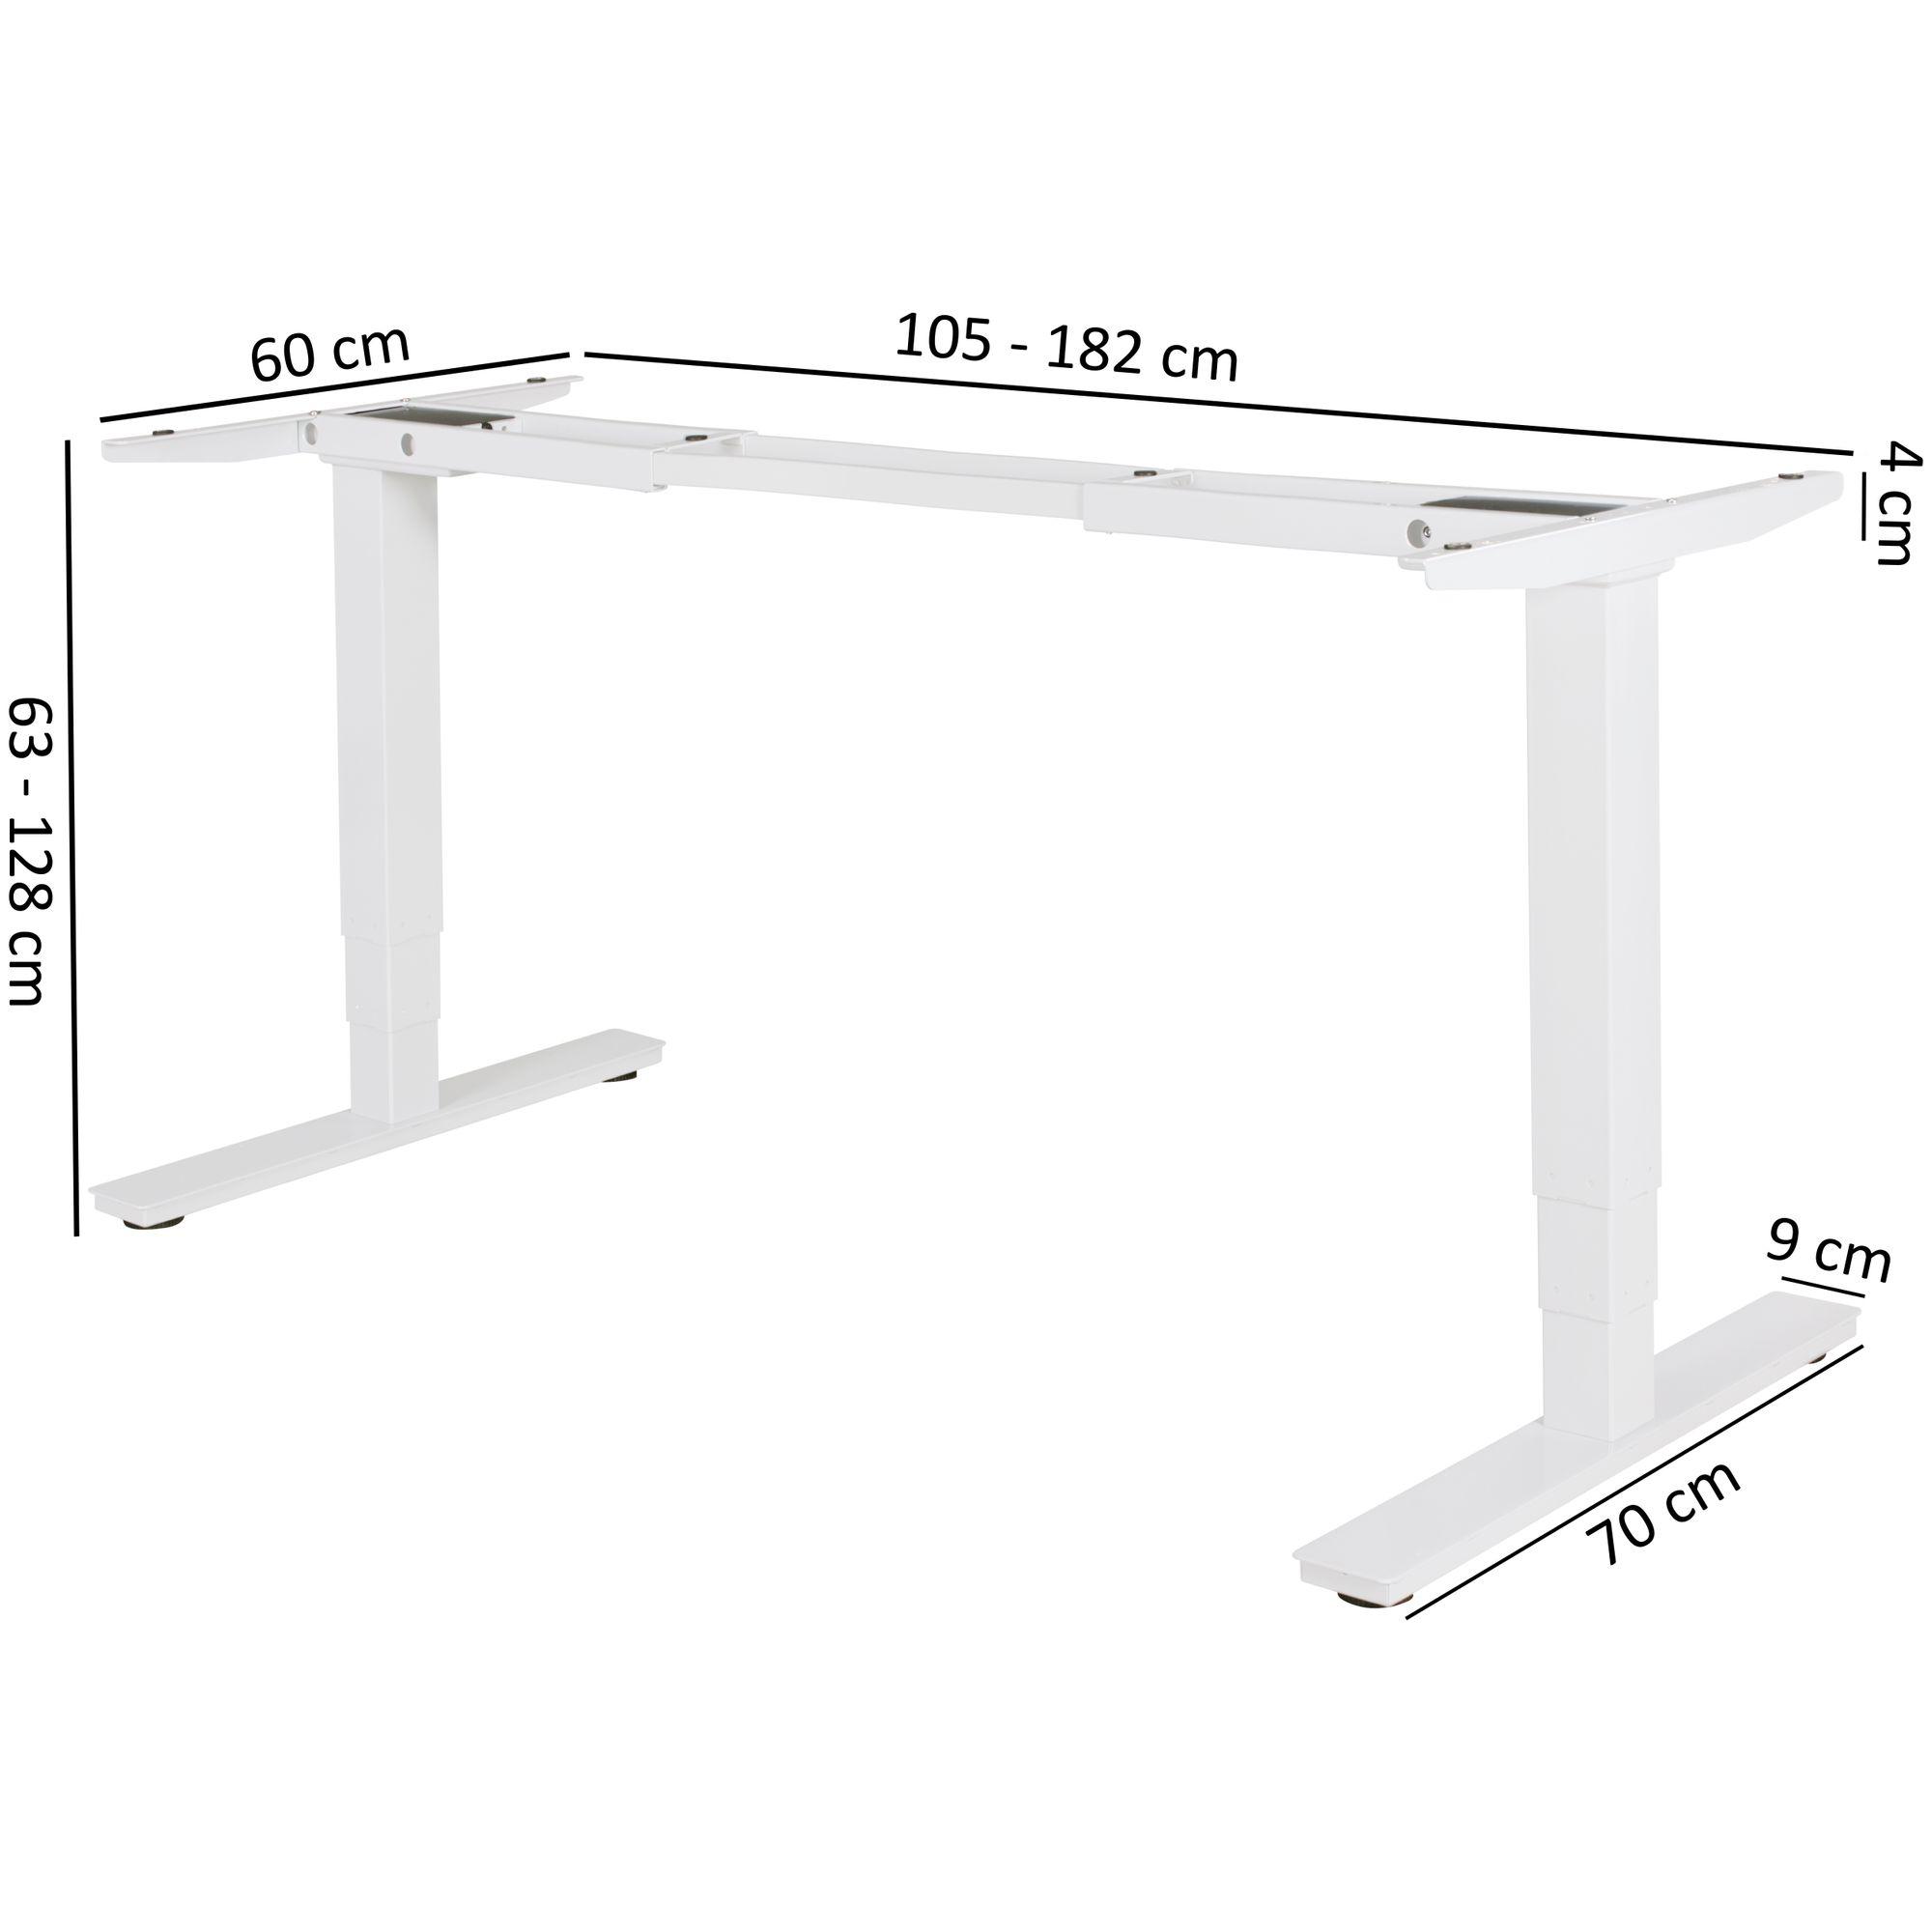 elektrisch h henverstellbares schreibtischgestell tischgestell memory funktion ebay. Black Bedroom Furniture Sets. Home Design Ideas